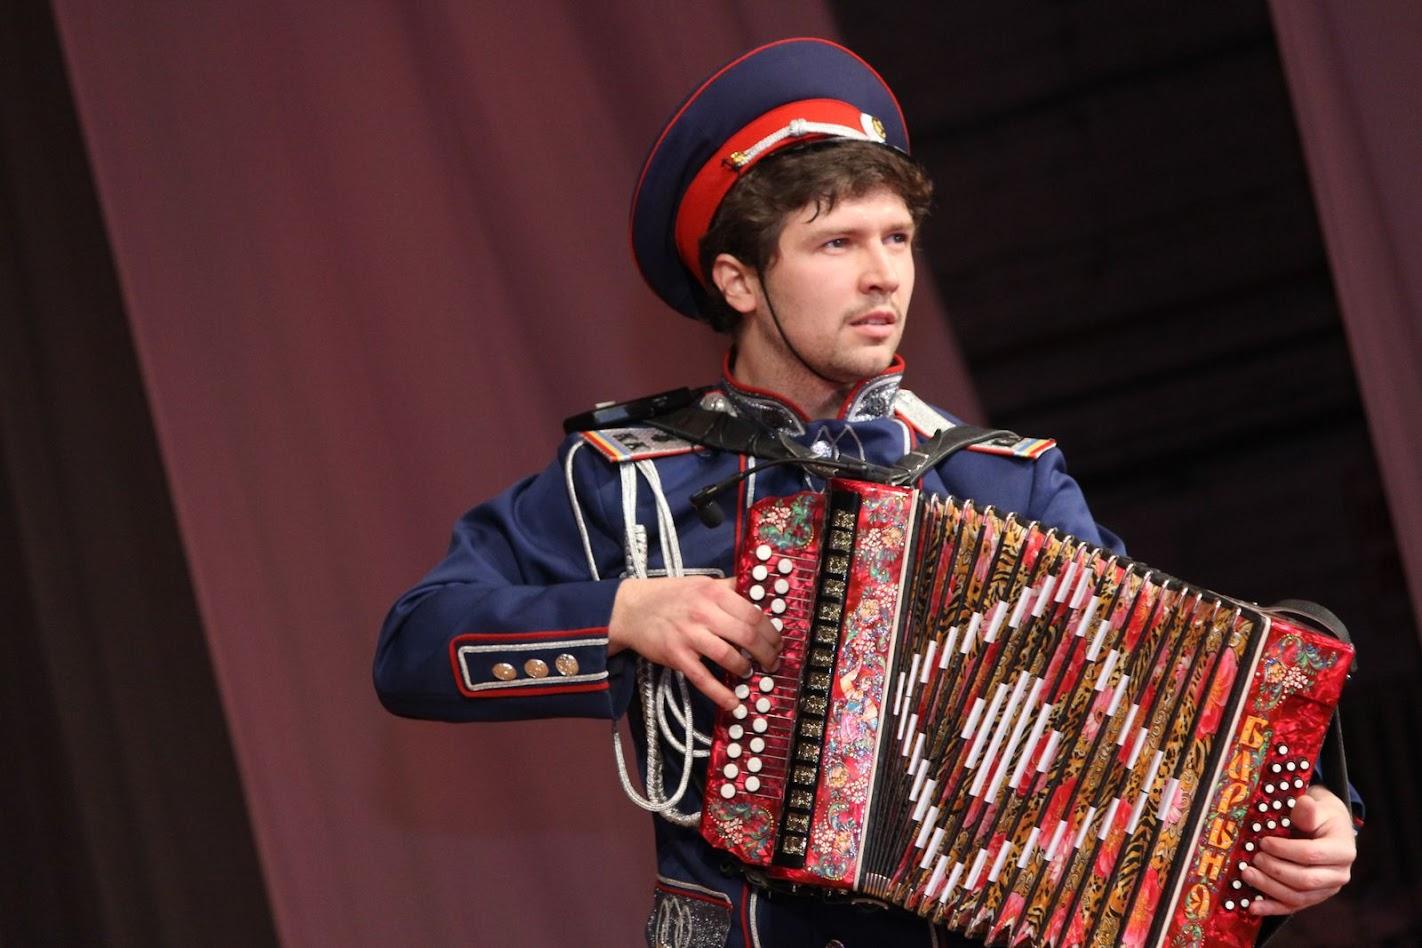 Поздравляем Евгения Анатольевича Воронина с назначением стипендии Правительства РФ для молодых деятелей культуры и искусства